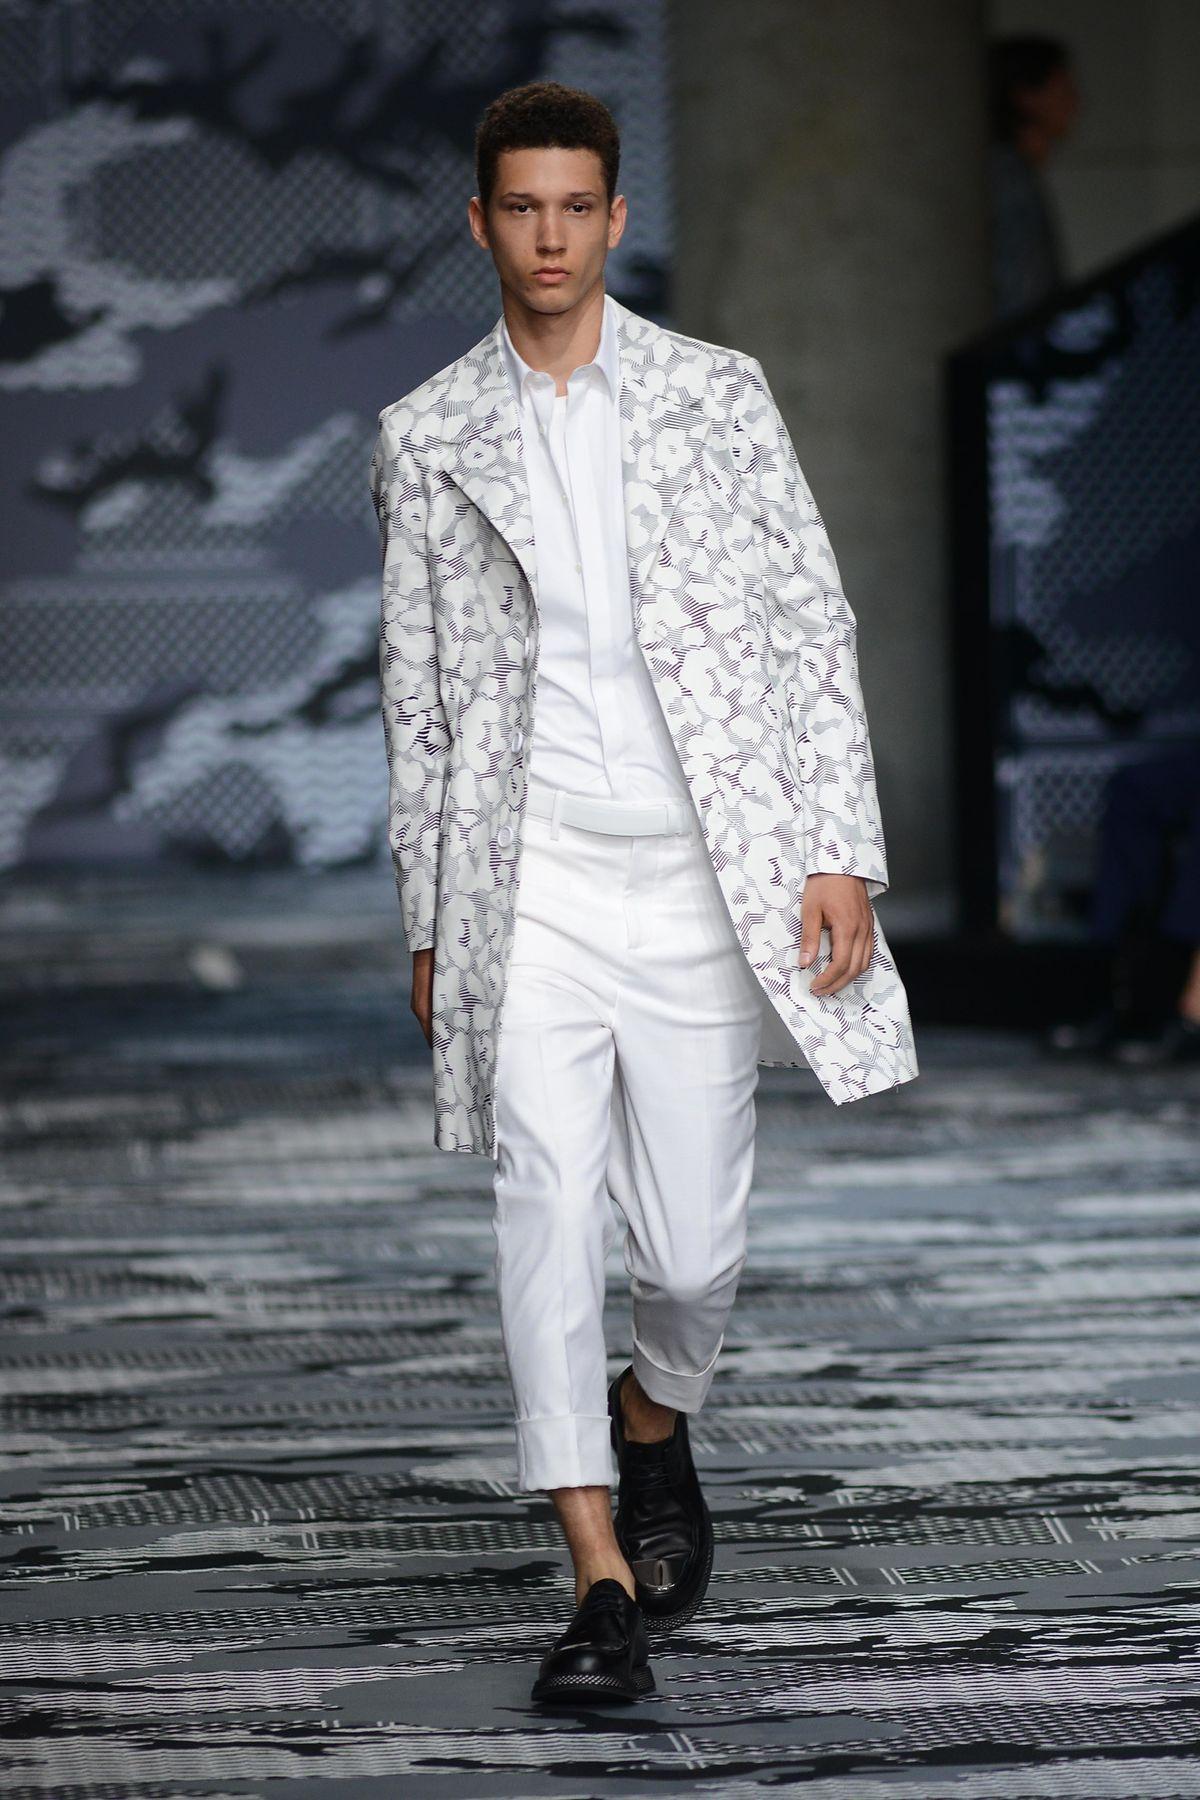 Mantel und Sommer? Das geht, wie Neil Barrett bei der Milan Men's Fashion Week Spring/Summer 2016 zeigt